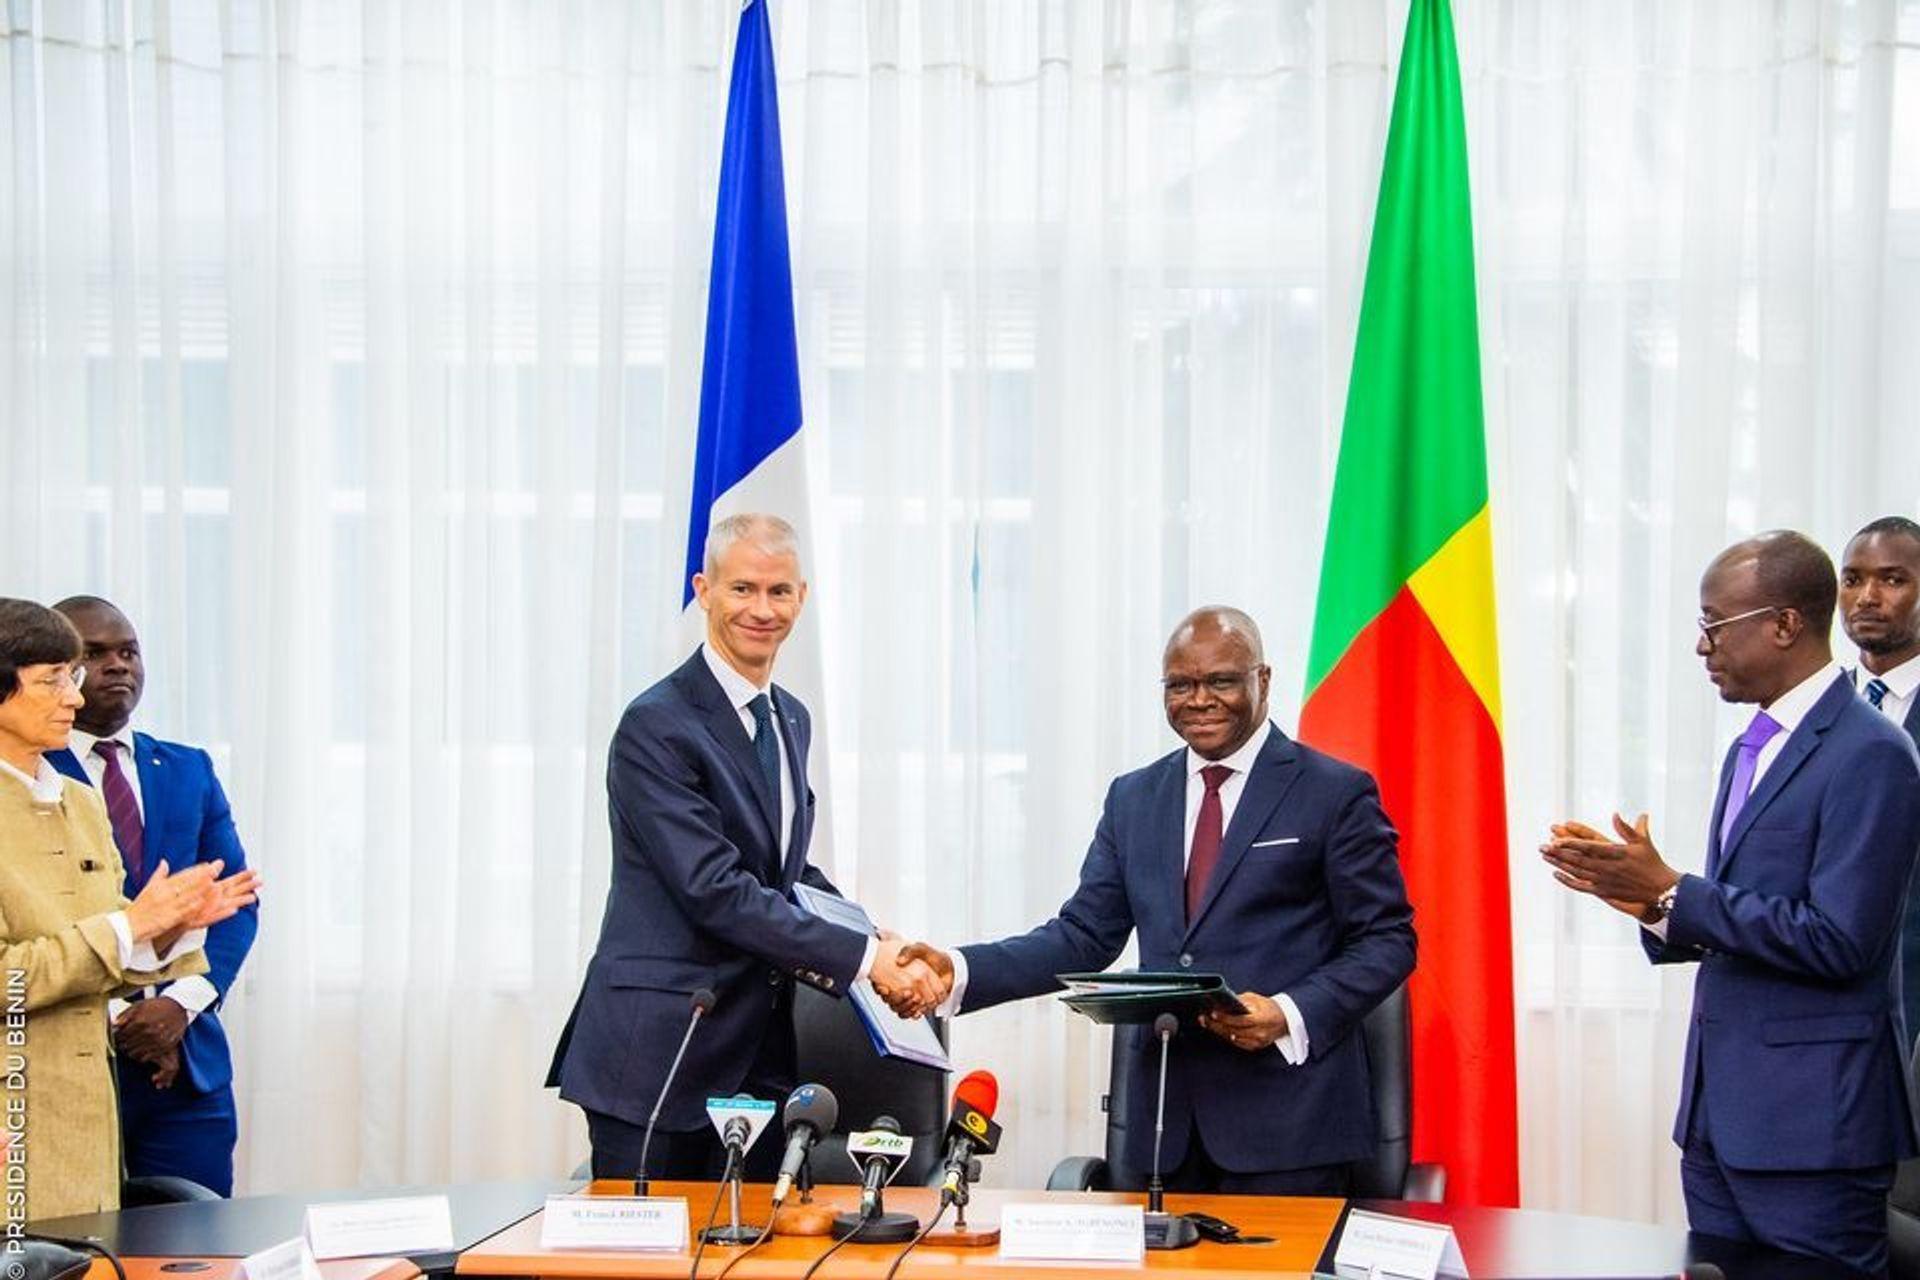 France will return return 26 looted artefacts to Benin. Franck Riester, France's culture minister, and Aurélien Agbenonci, Benin's minister of foreign affairs, in Cotonou © Présidence de la République du Bénin